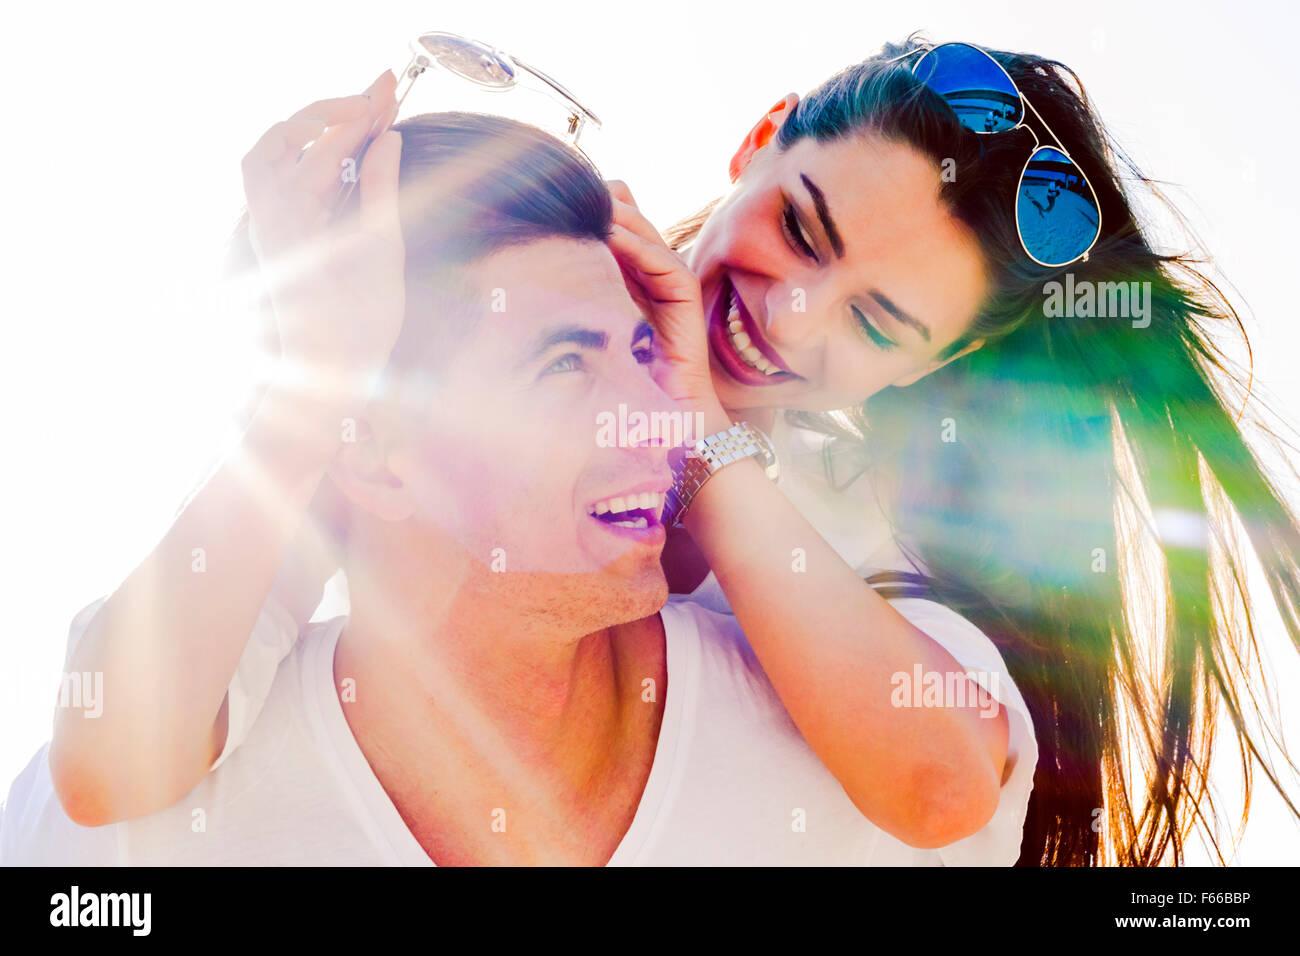 Alegre guapo llevando a su novia en su espalda en la playa Imagen De Stock